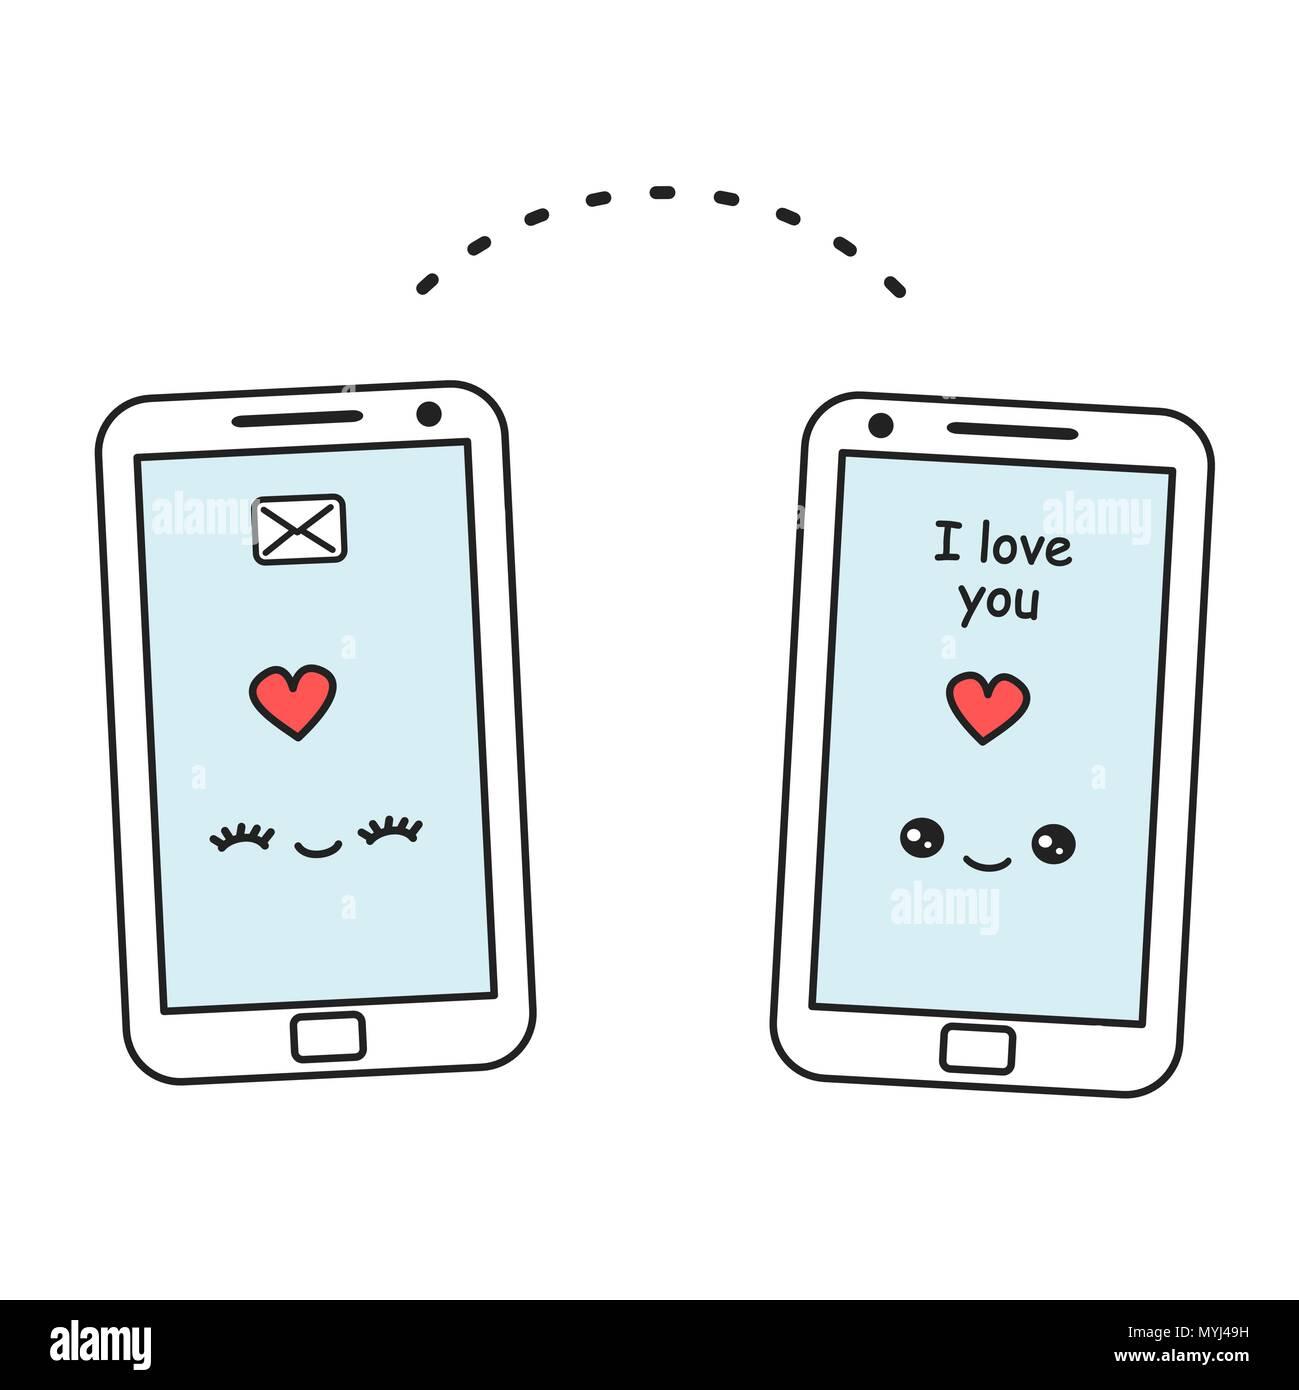 Cute Dibujos Animados Smartphone Vector Enviar Mensaje De Amor